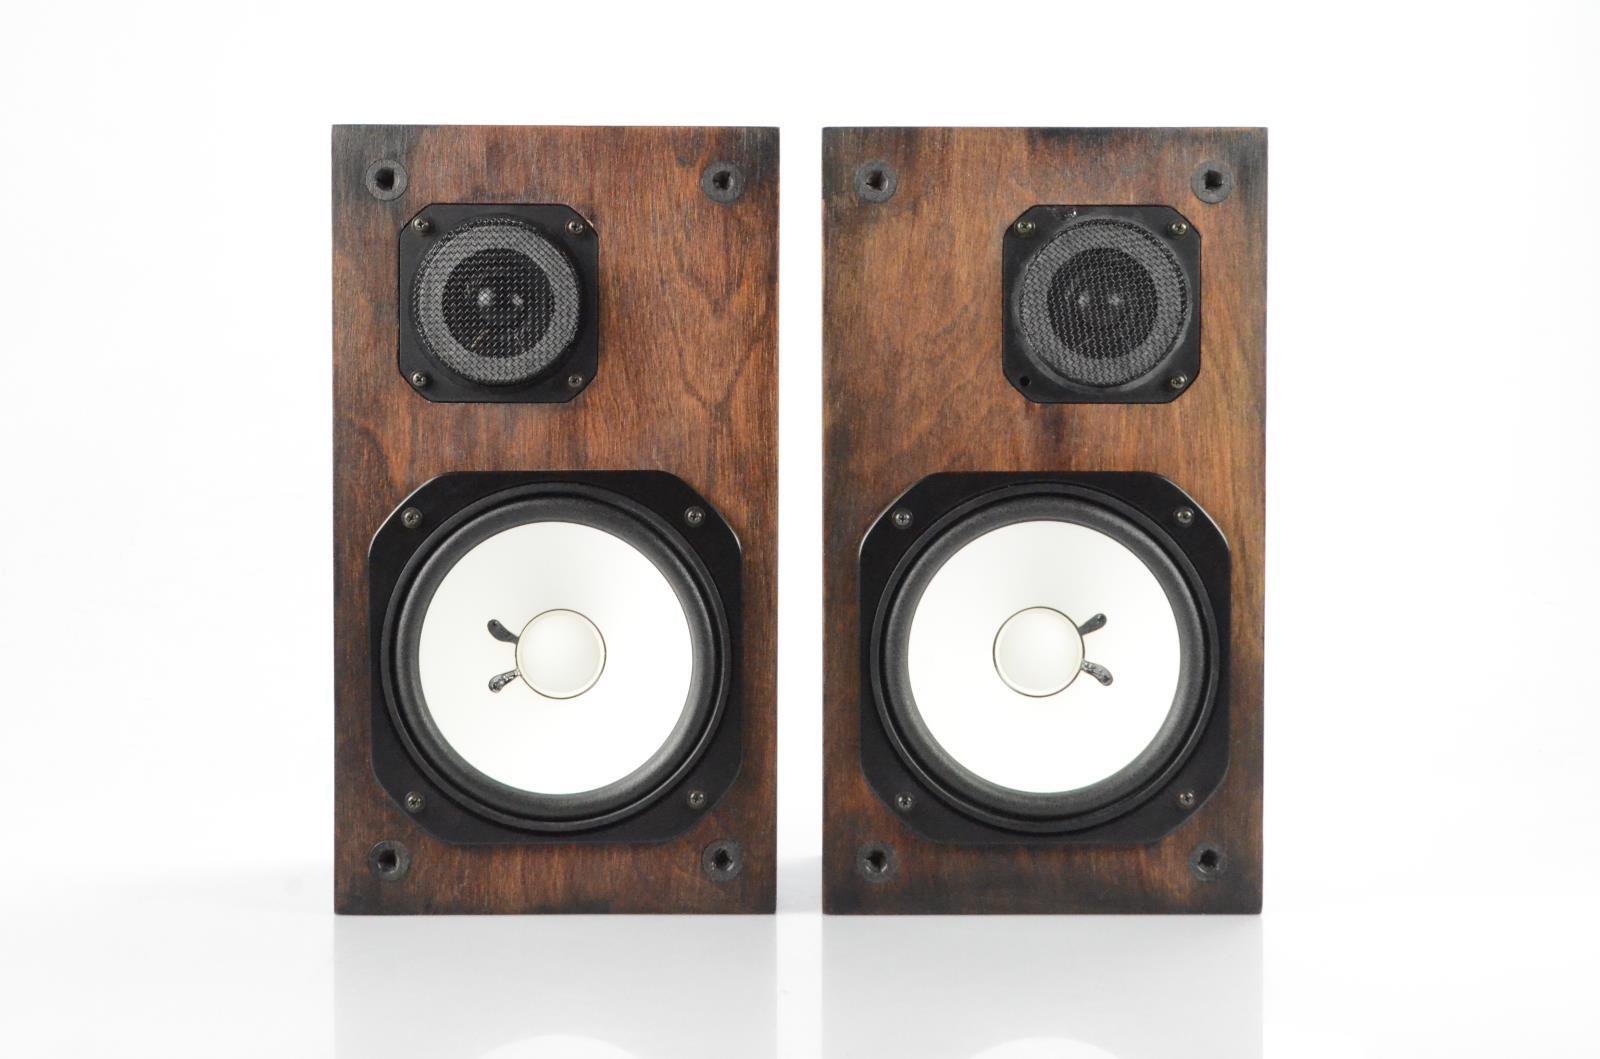 Yamaha NS-10M Nearfield Studio Speaker Monitors Custom Wood Stain #34075